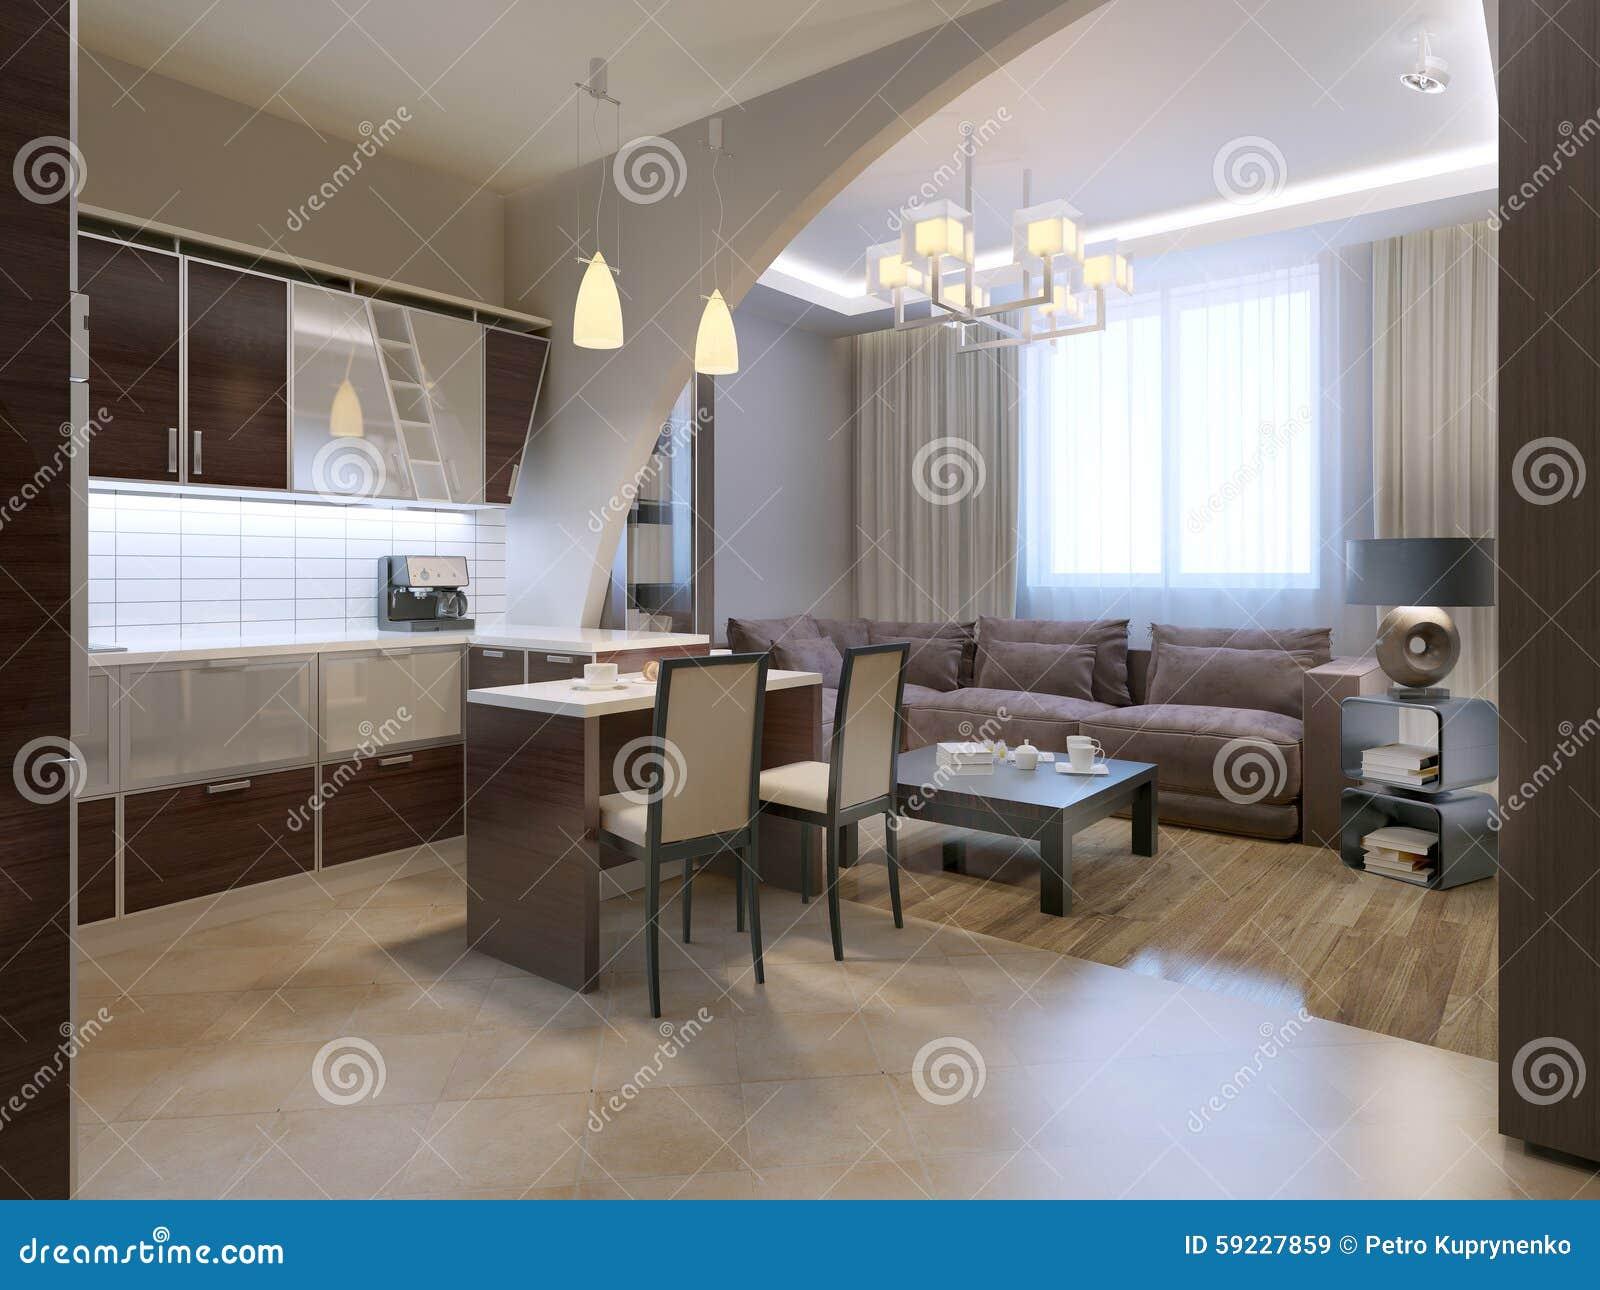 Download Cocina Moderna Con El Salón En Fondo Stock de ilustración - Ilustración de marrón, contemporáneo: 59227859